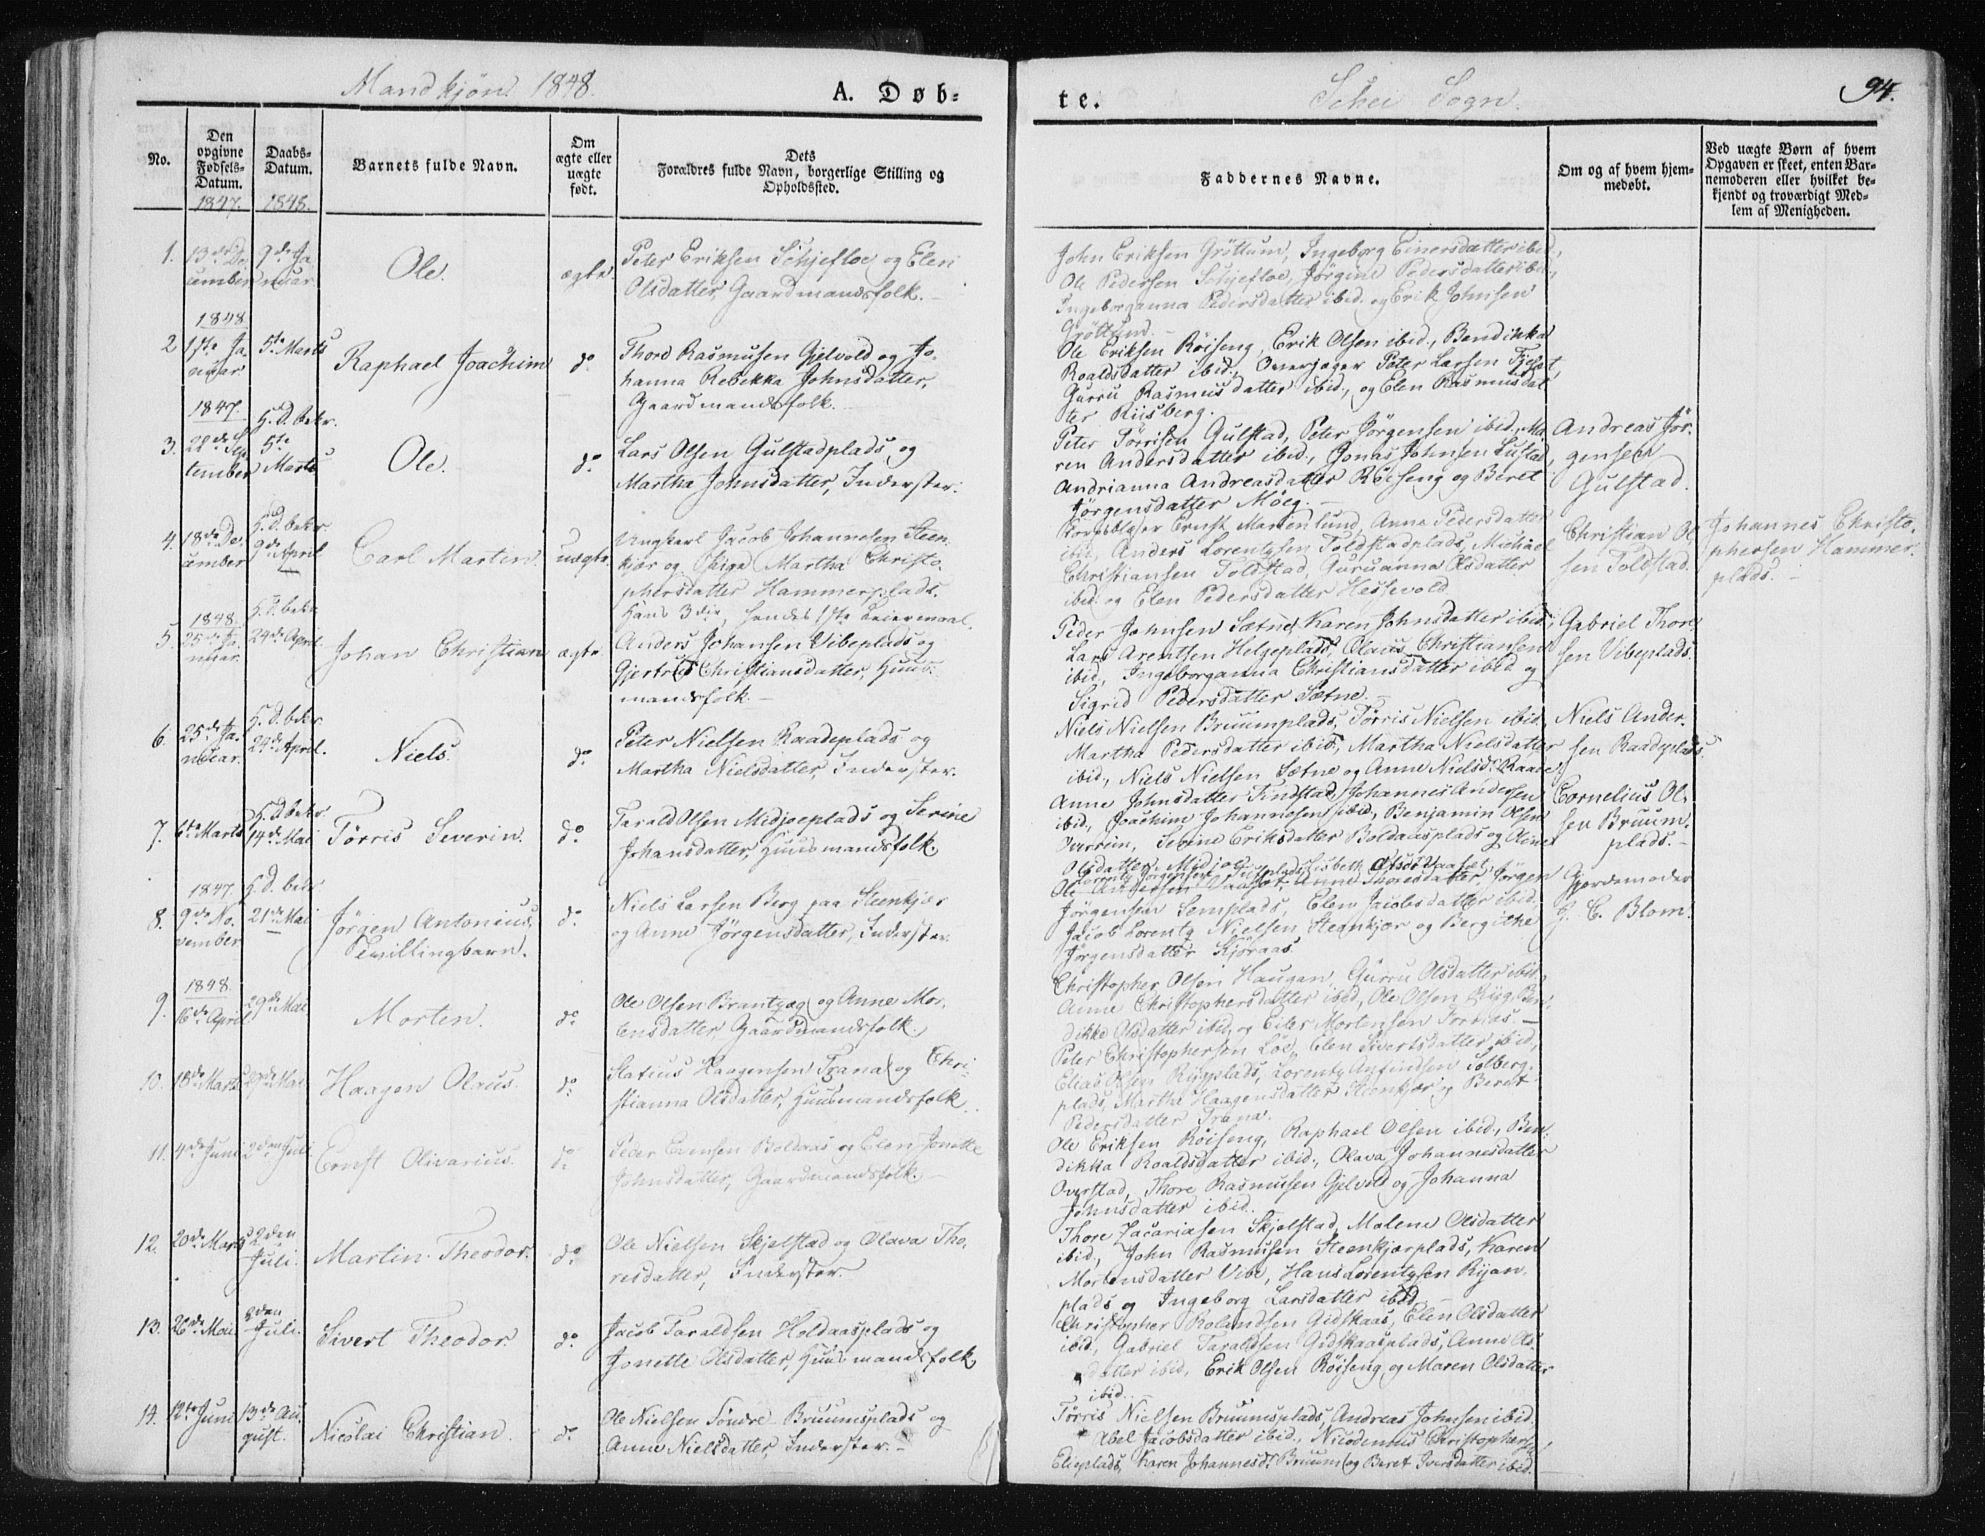 SAT, Ministerialprotokoller, klokkerbøker og fødselsregistre - Nord-Trøndelag, 735/L0339: Ministerialbok nr. 735A06 /2, 1836-1848, s. 94